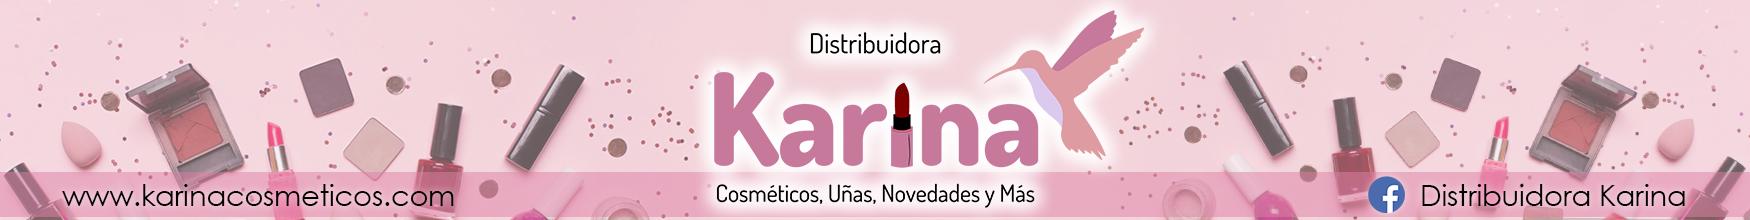 karina-cosmeticos